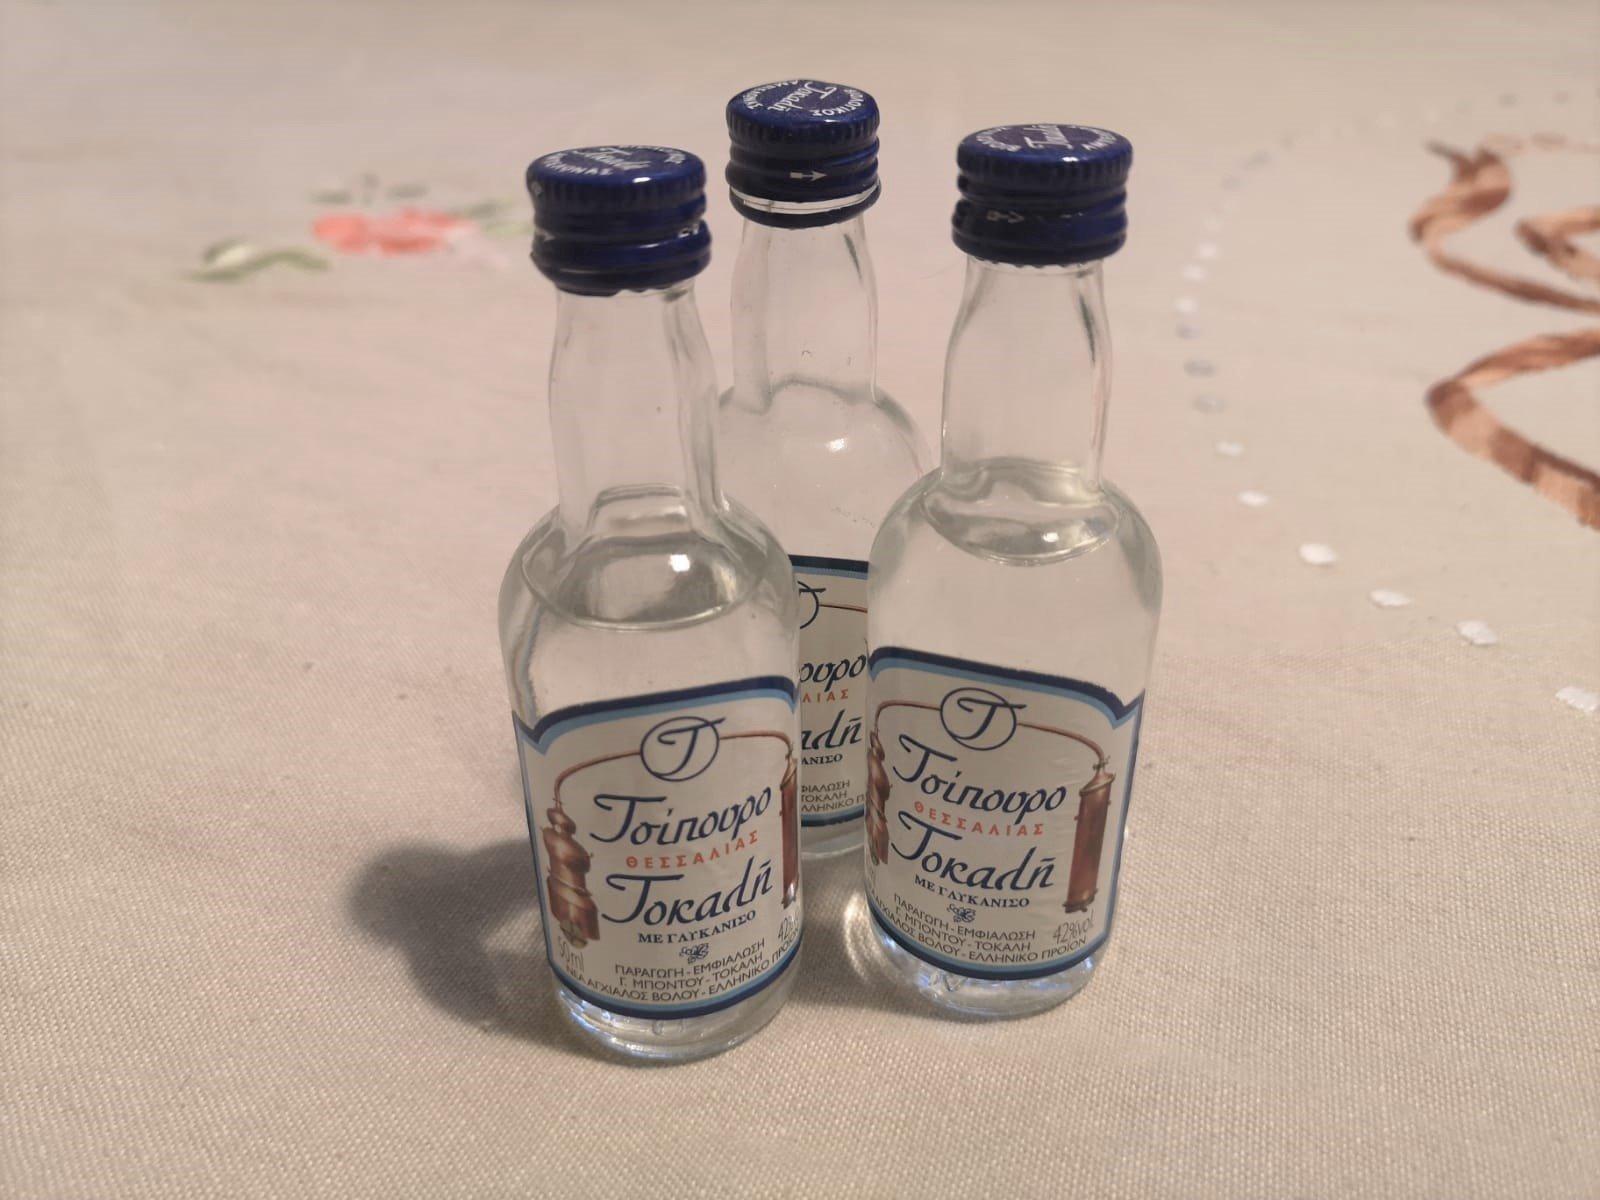 bottigliette tsipouro grecia